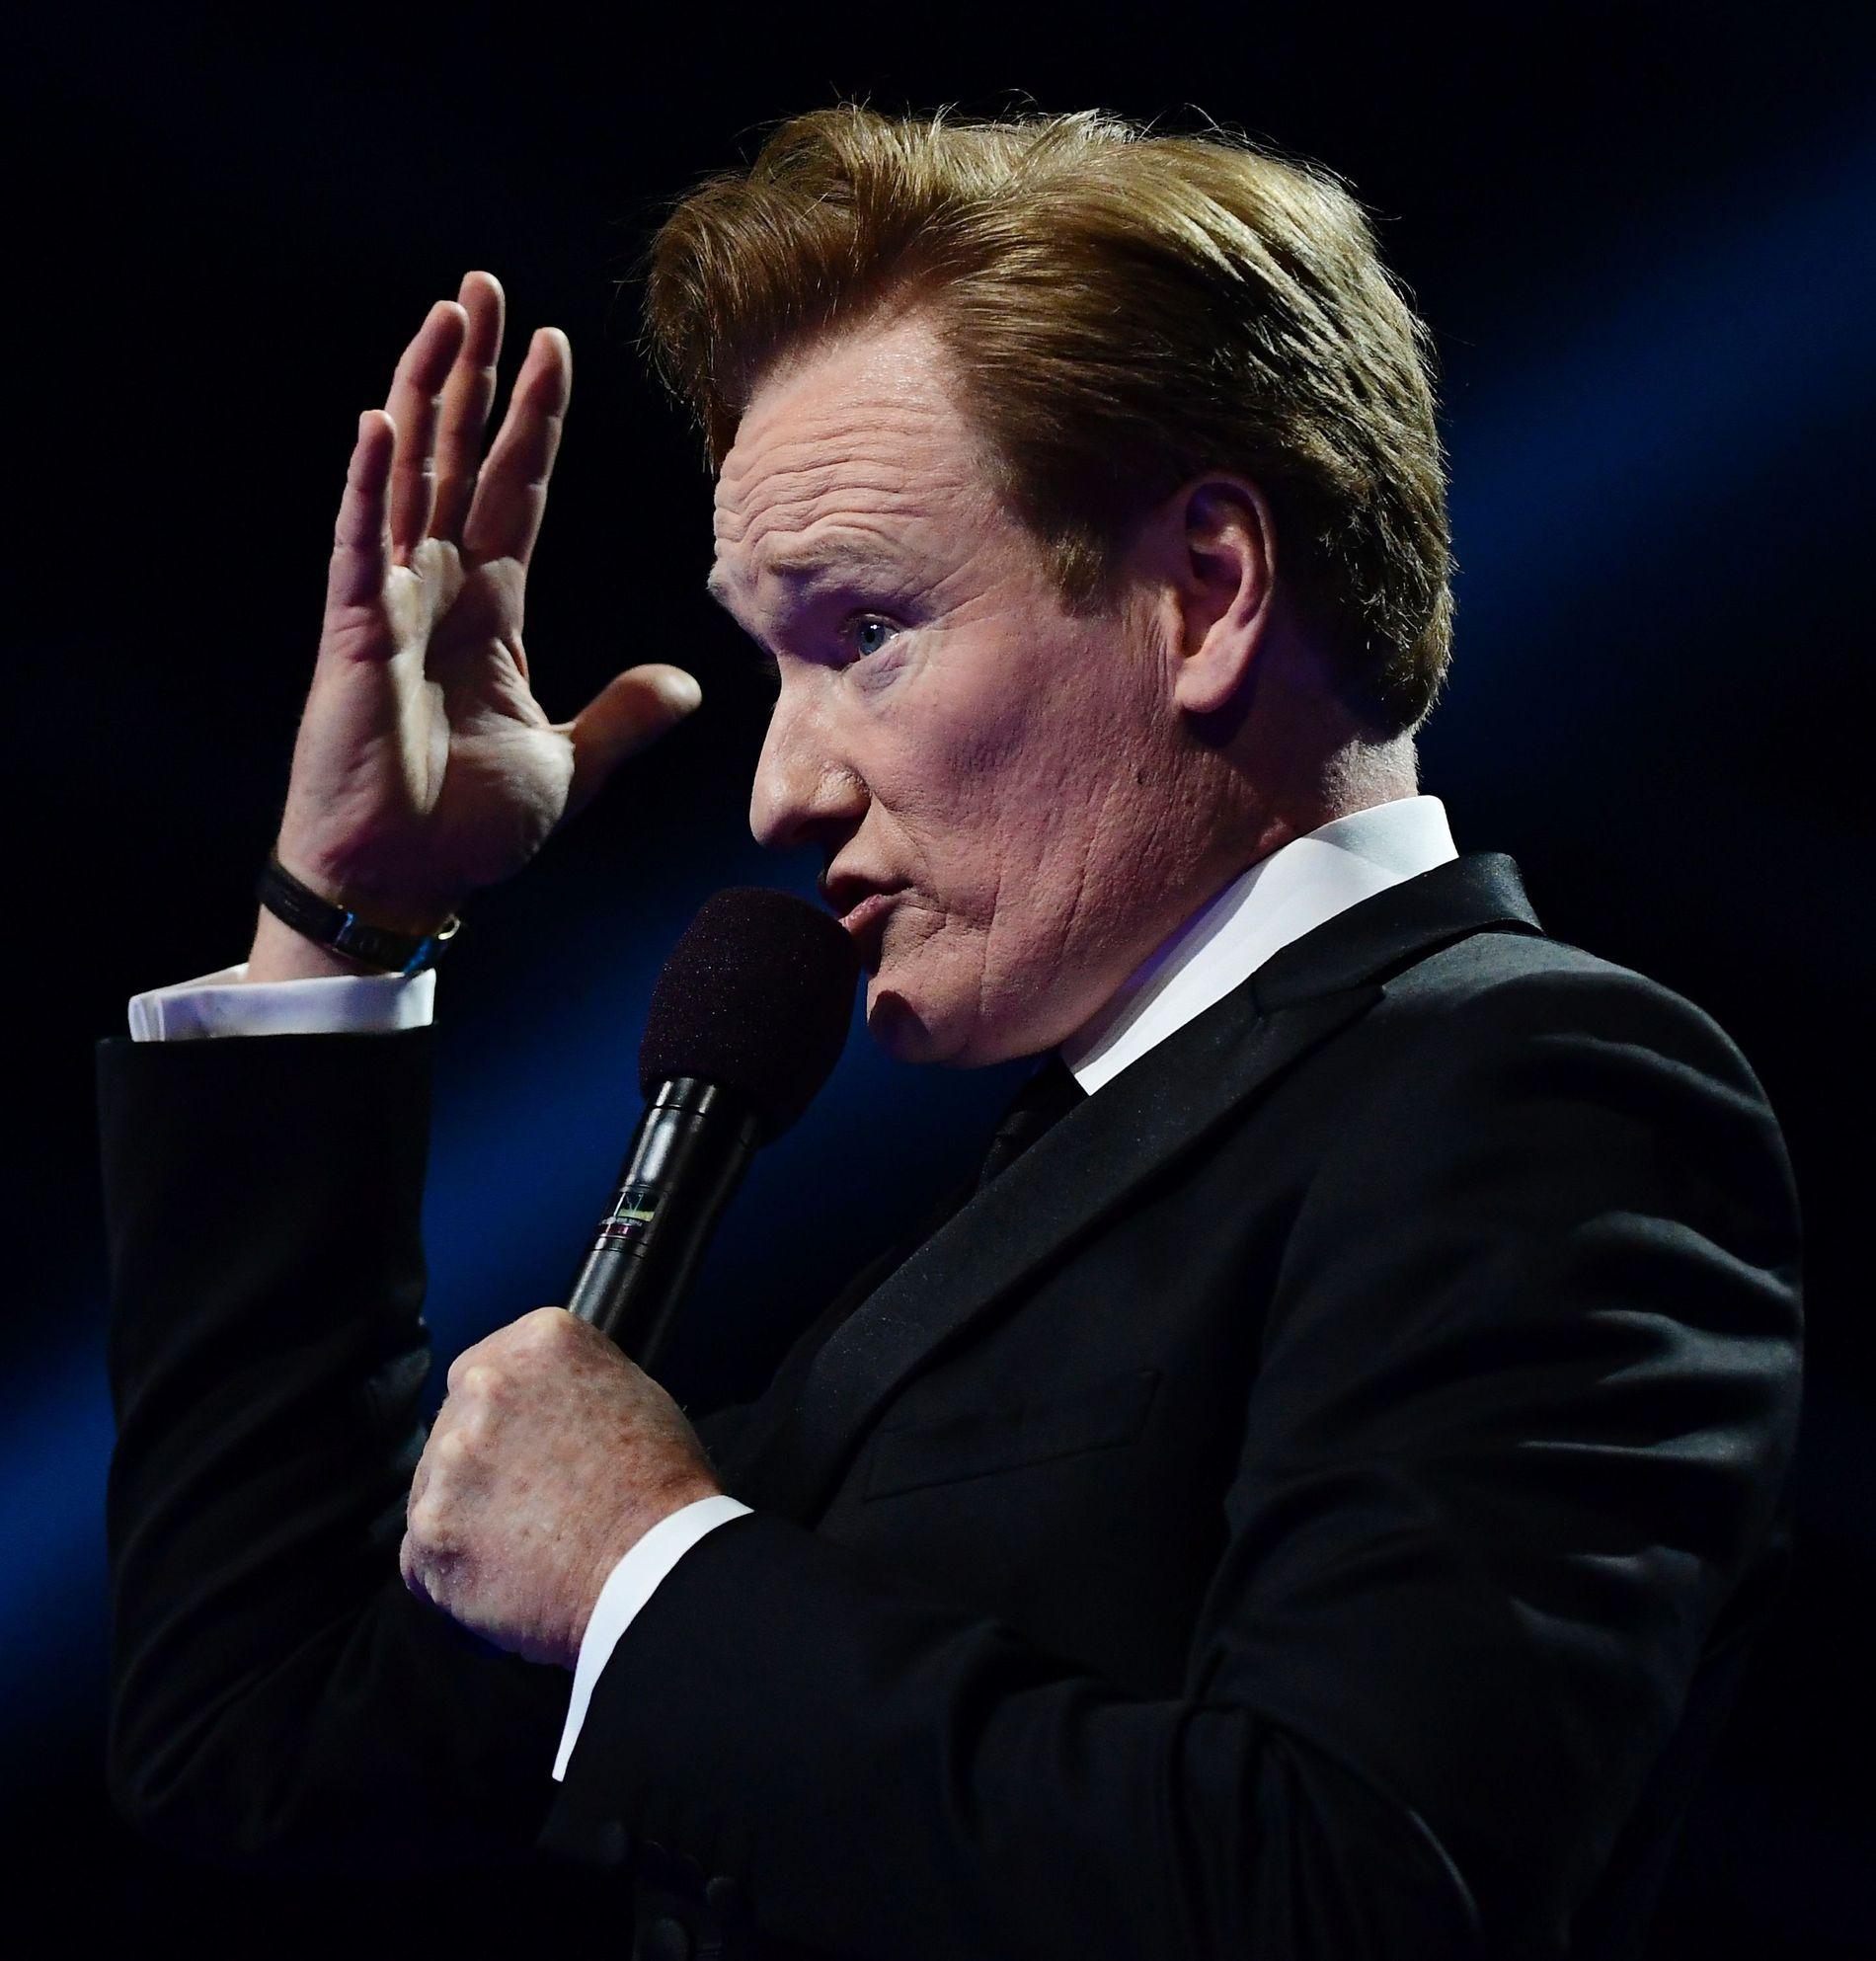 GJENFORENES: Conan O'Brien ledet Nobelkonserten, og tar imot Highasakite i en eller annen form på sitt talkshow 2. mai. Foto: AFP